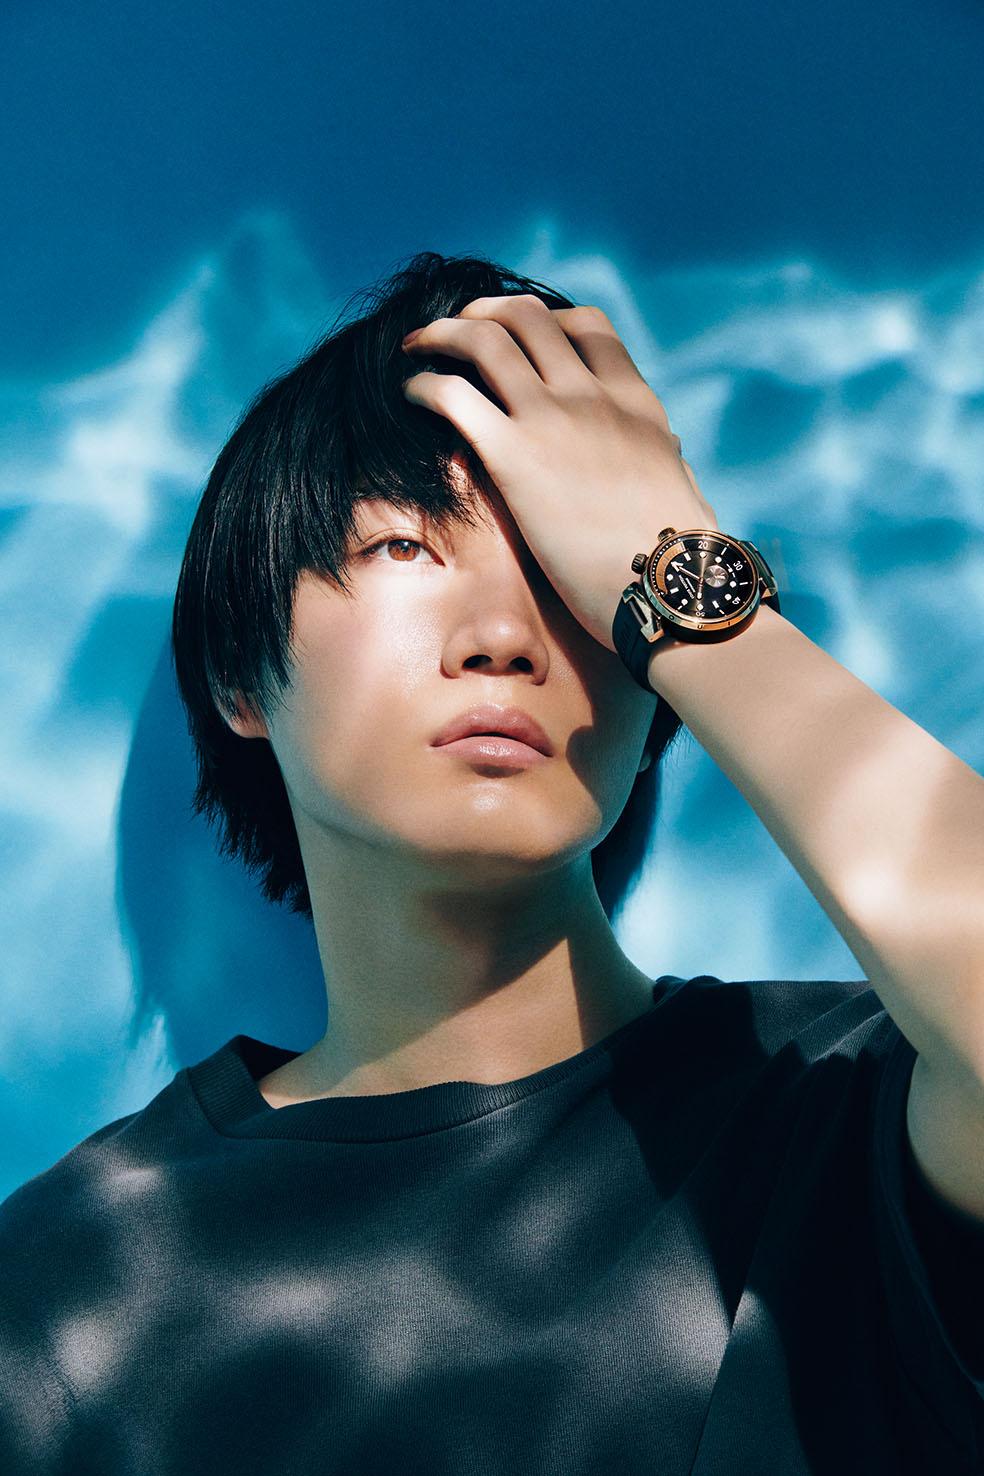 俳優・桜田 通が着ける、活躍の場を広げたルイ・ヴィトンのタイムピース